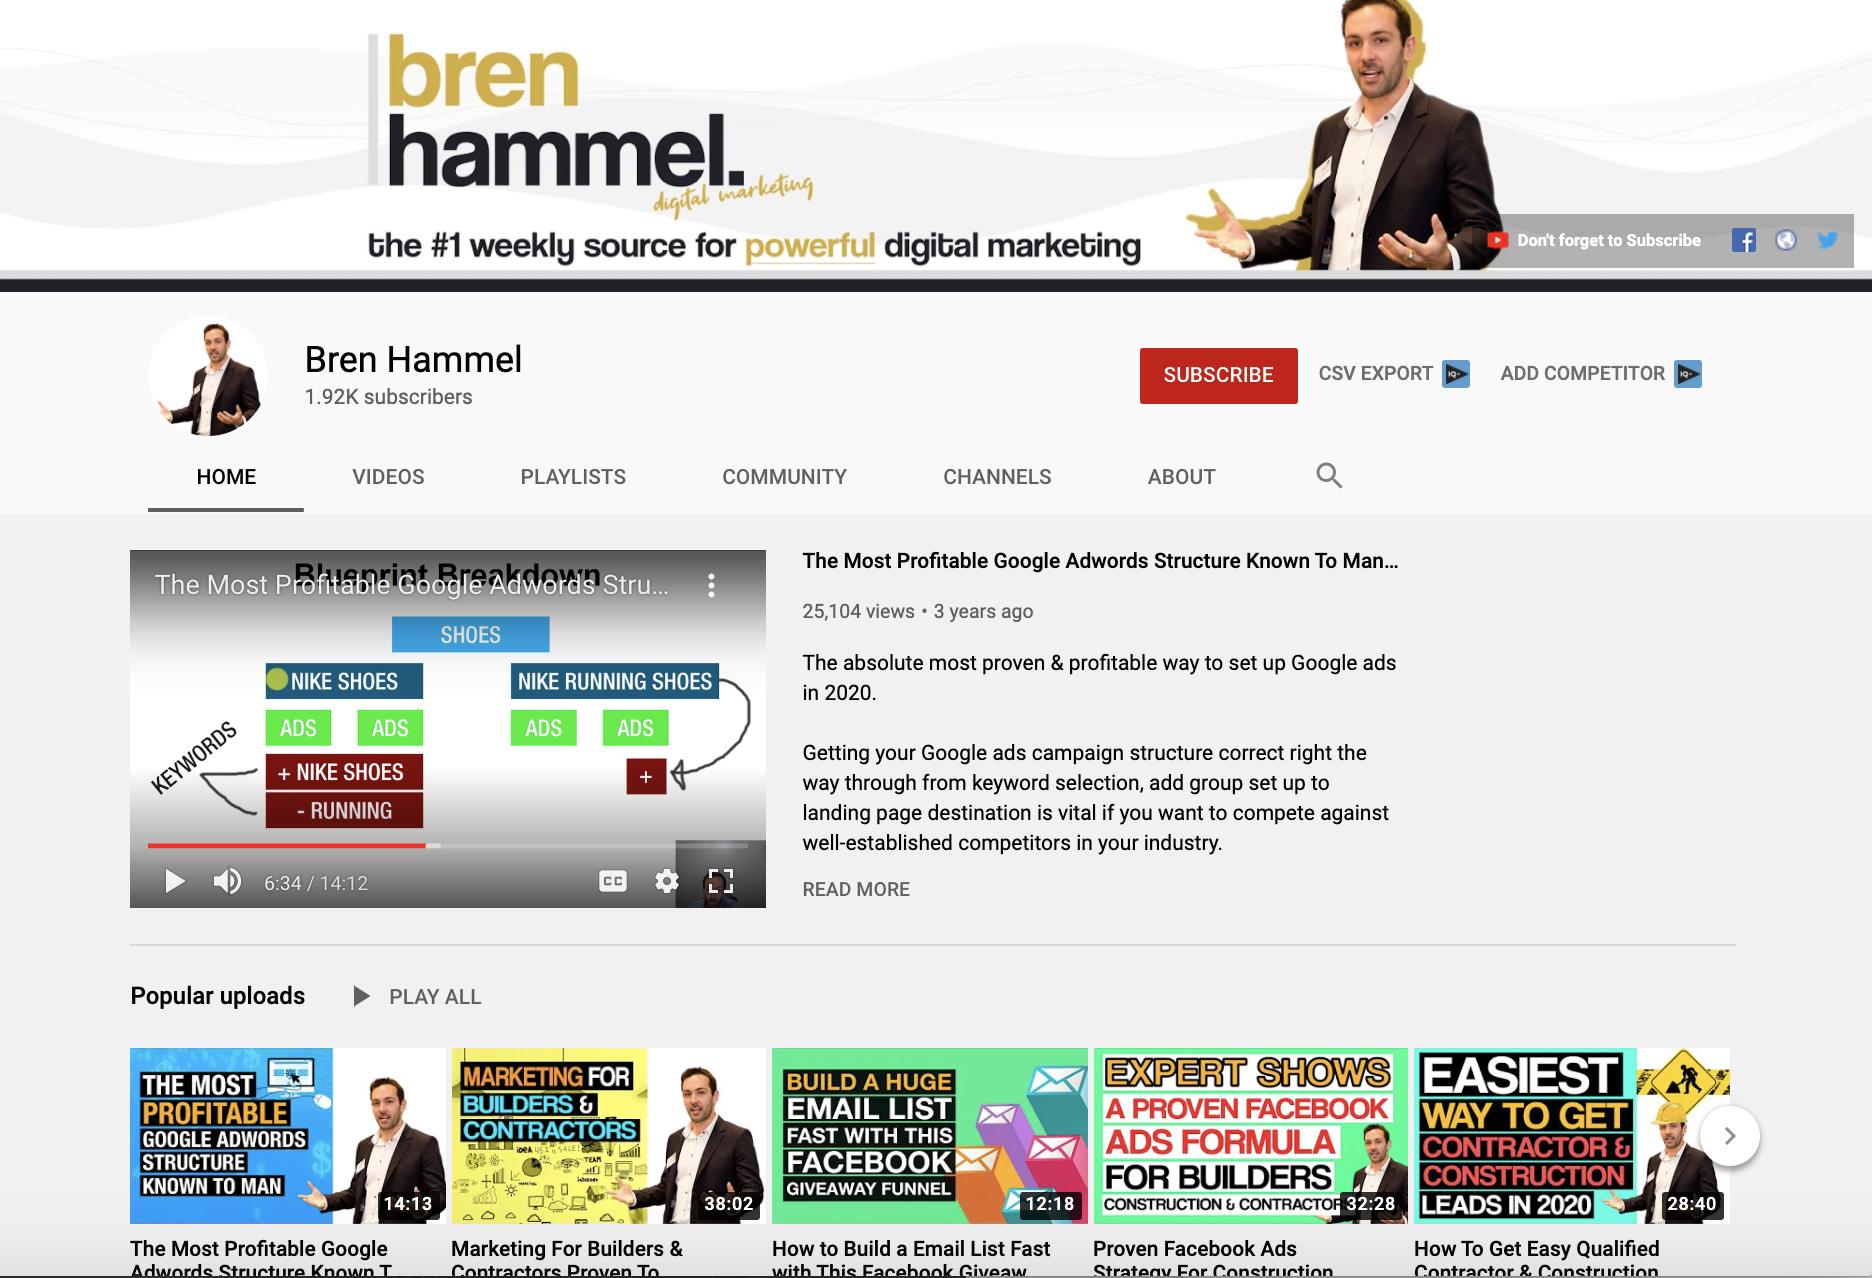 Bren Hammel Contractor Marketing Youtube Channel